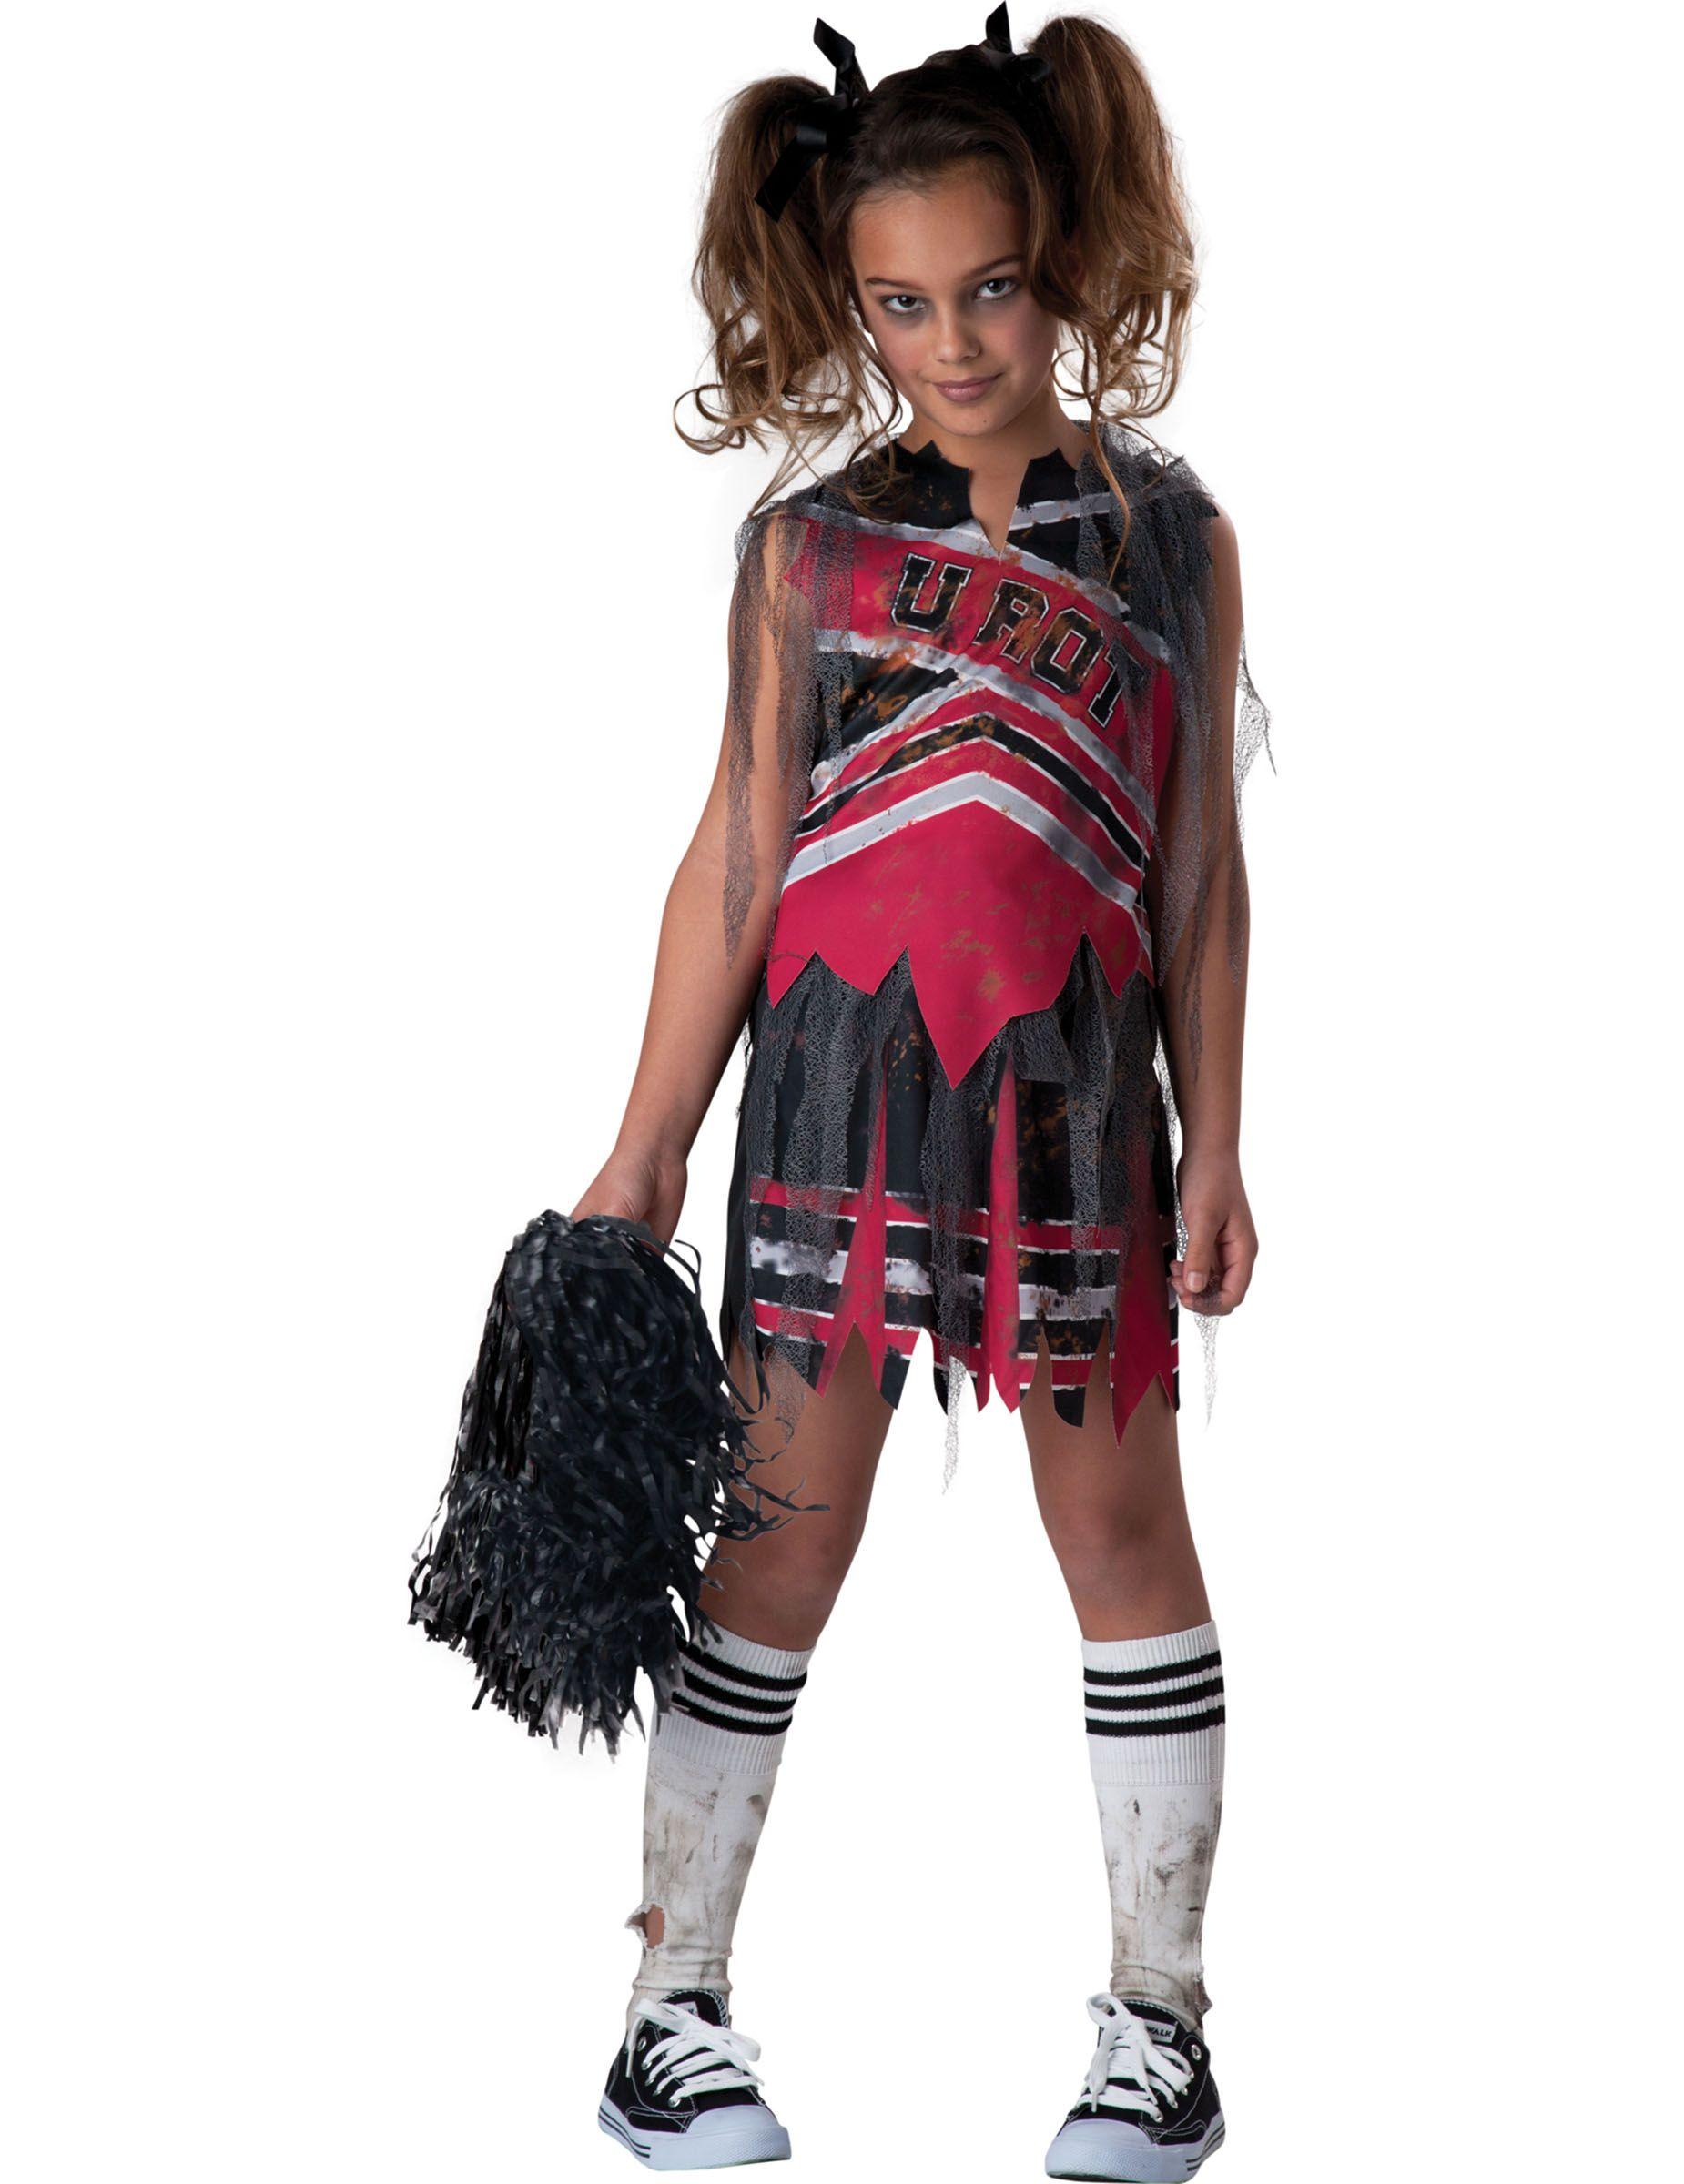 Quatang Gallery- Cheerleaderkostume Zombie Pige Deguisement Halloween Vetements Et Maquillage De Joie